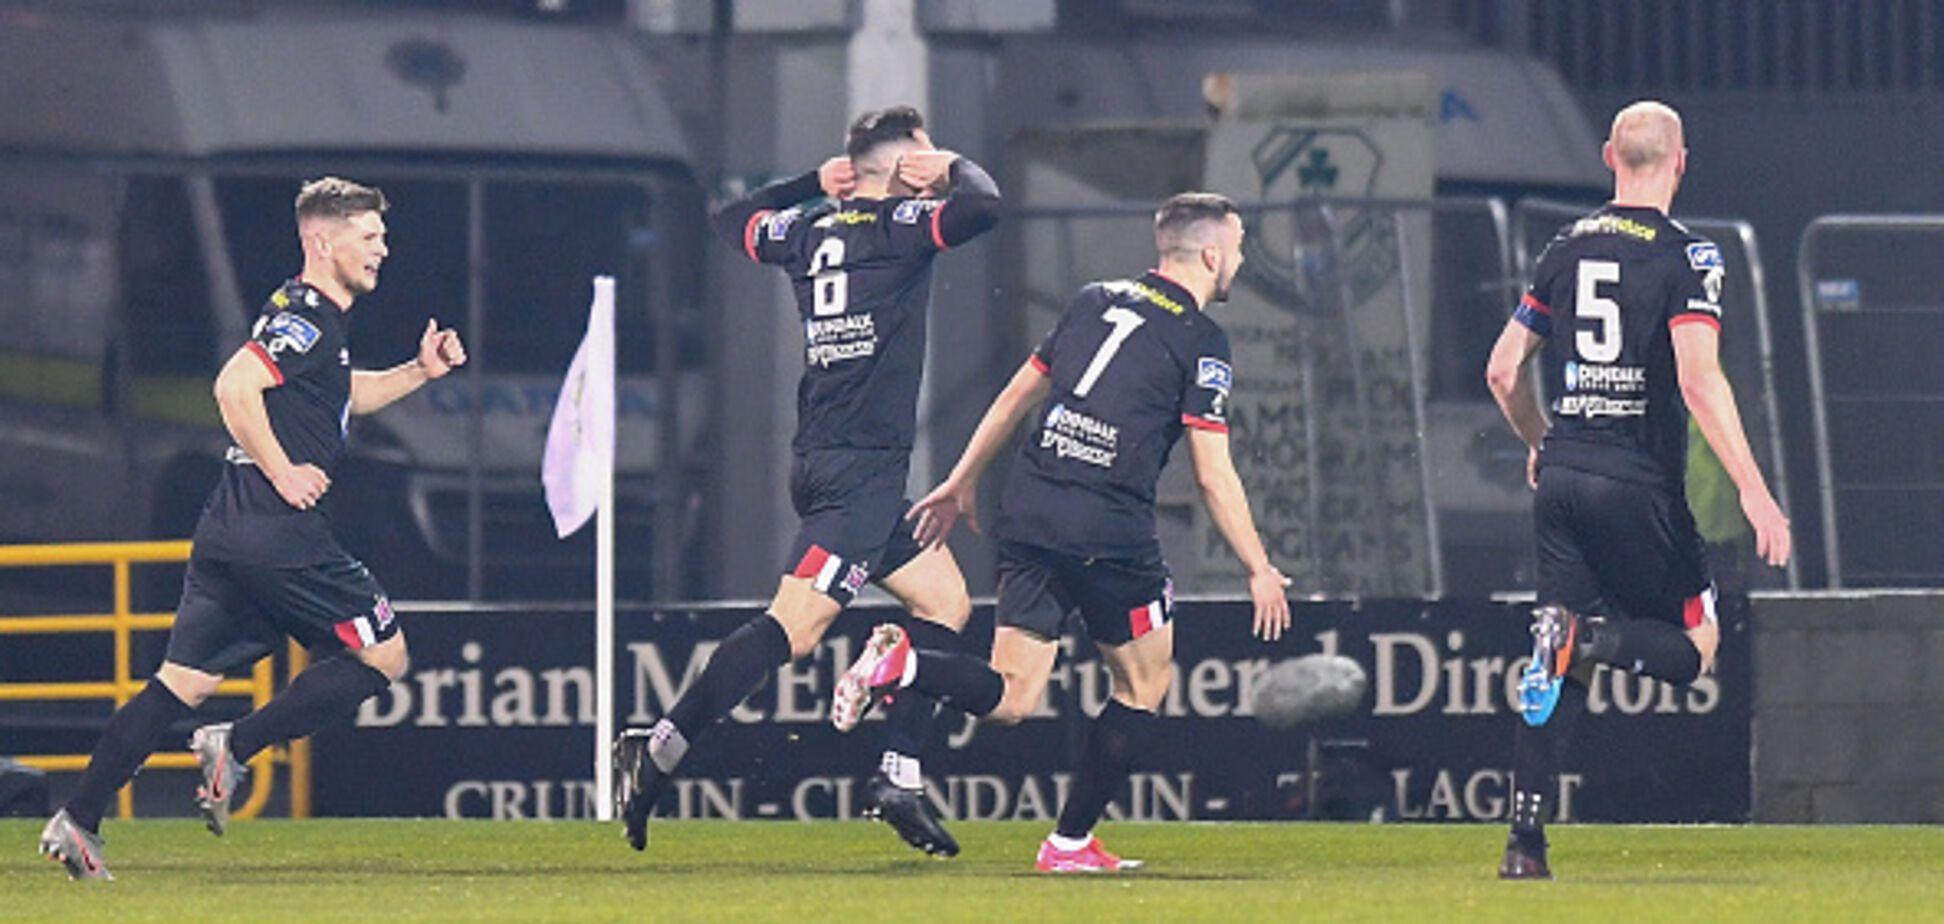 Футболист 'Дандолка' Джордан Флорес забил невероятный гол с разворота